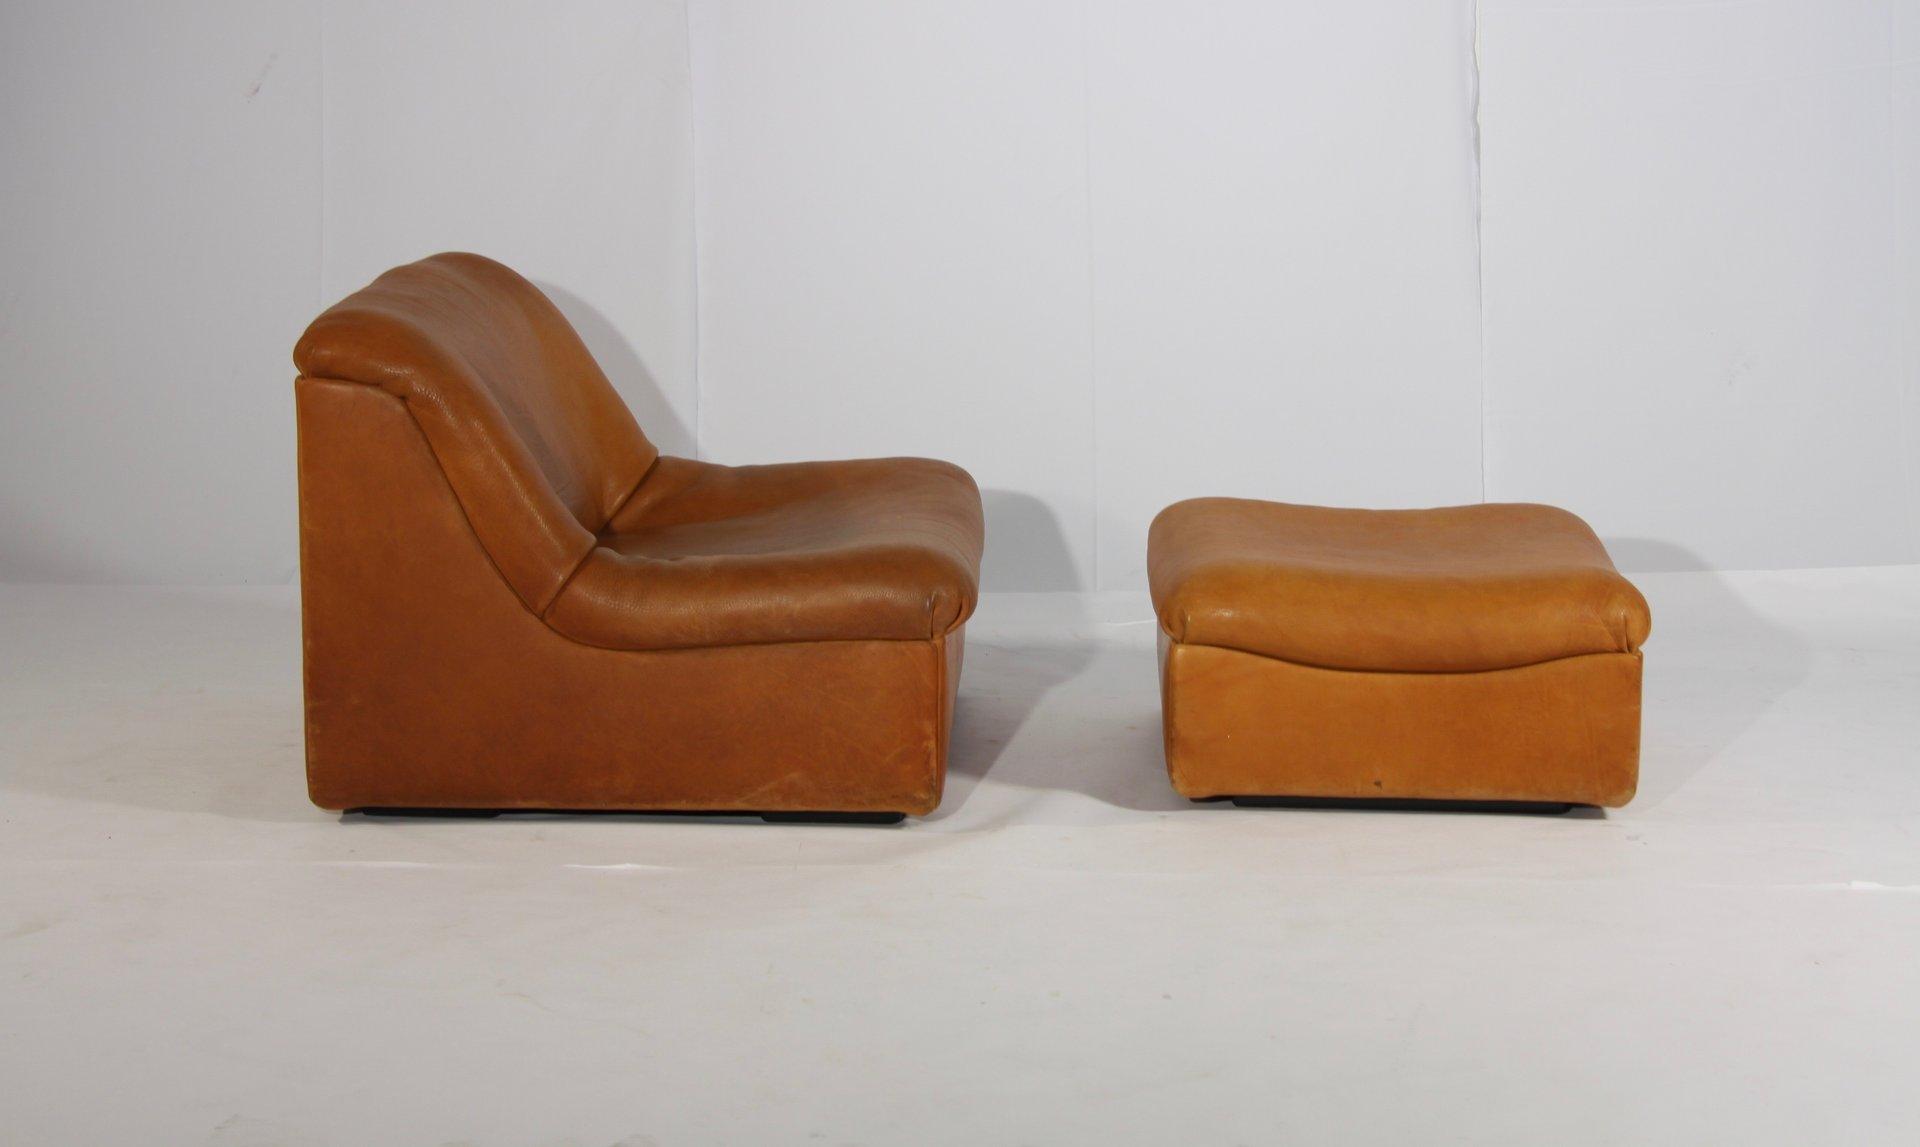 ds 46 sessel und hocker aus b ffelleder von de sede. Black Bedroom Furniture Sets. Home Design Ideas